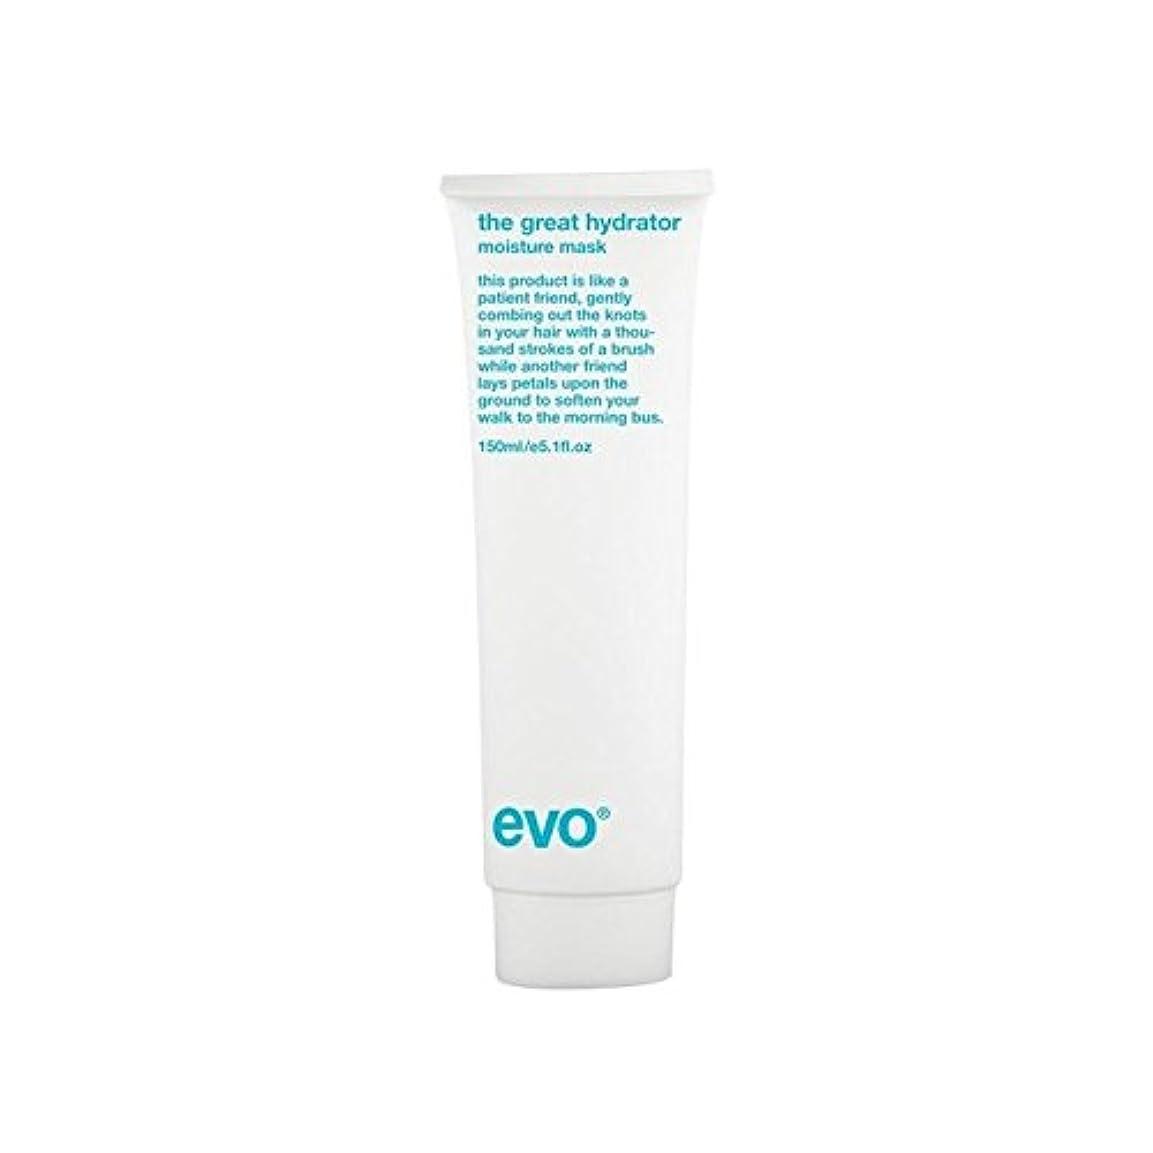 リンス市民組み立てるエボ素晴らしいハイドレーターの水分マスク水和処理(150ミリリットル) x2 - Evo The Great Hydrator Moisture Mask Hydrating Treatment (150ml) (Pack of 2) [並行輸入品]